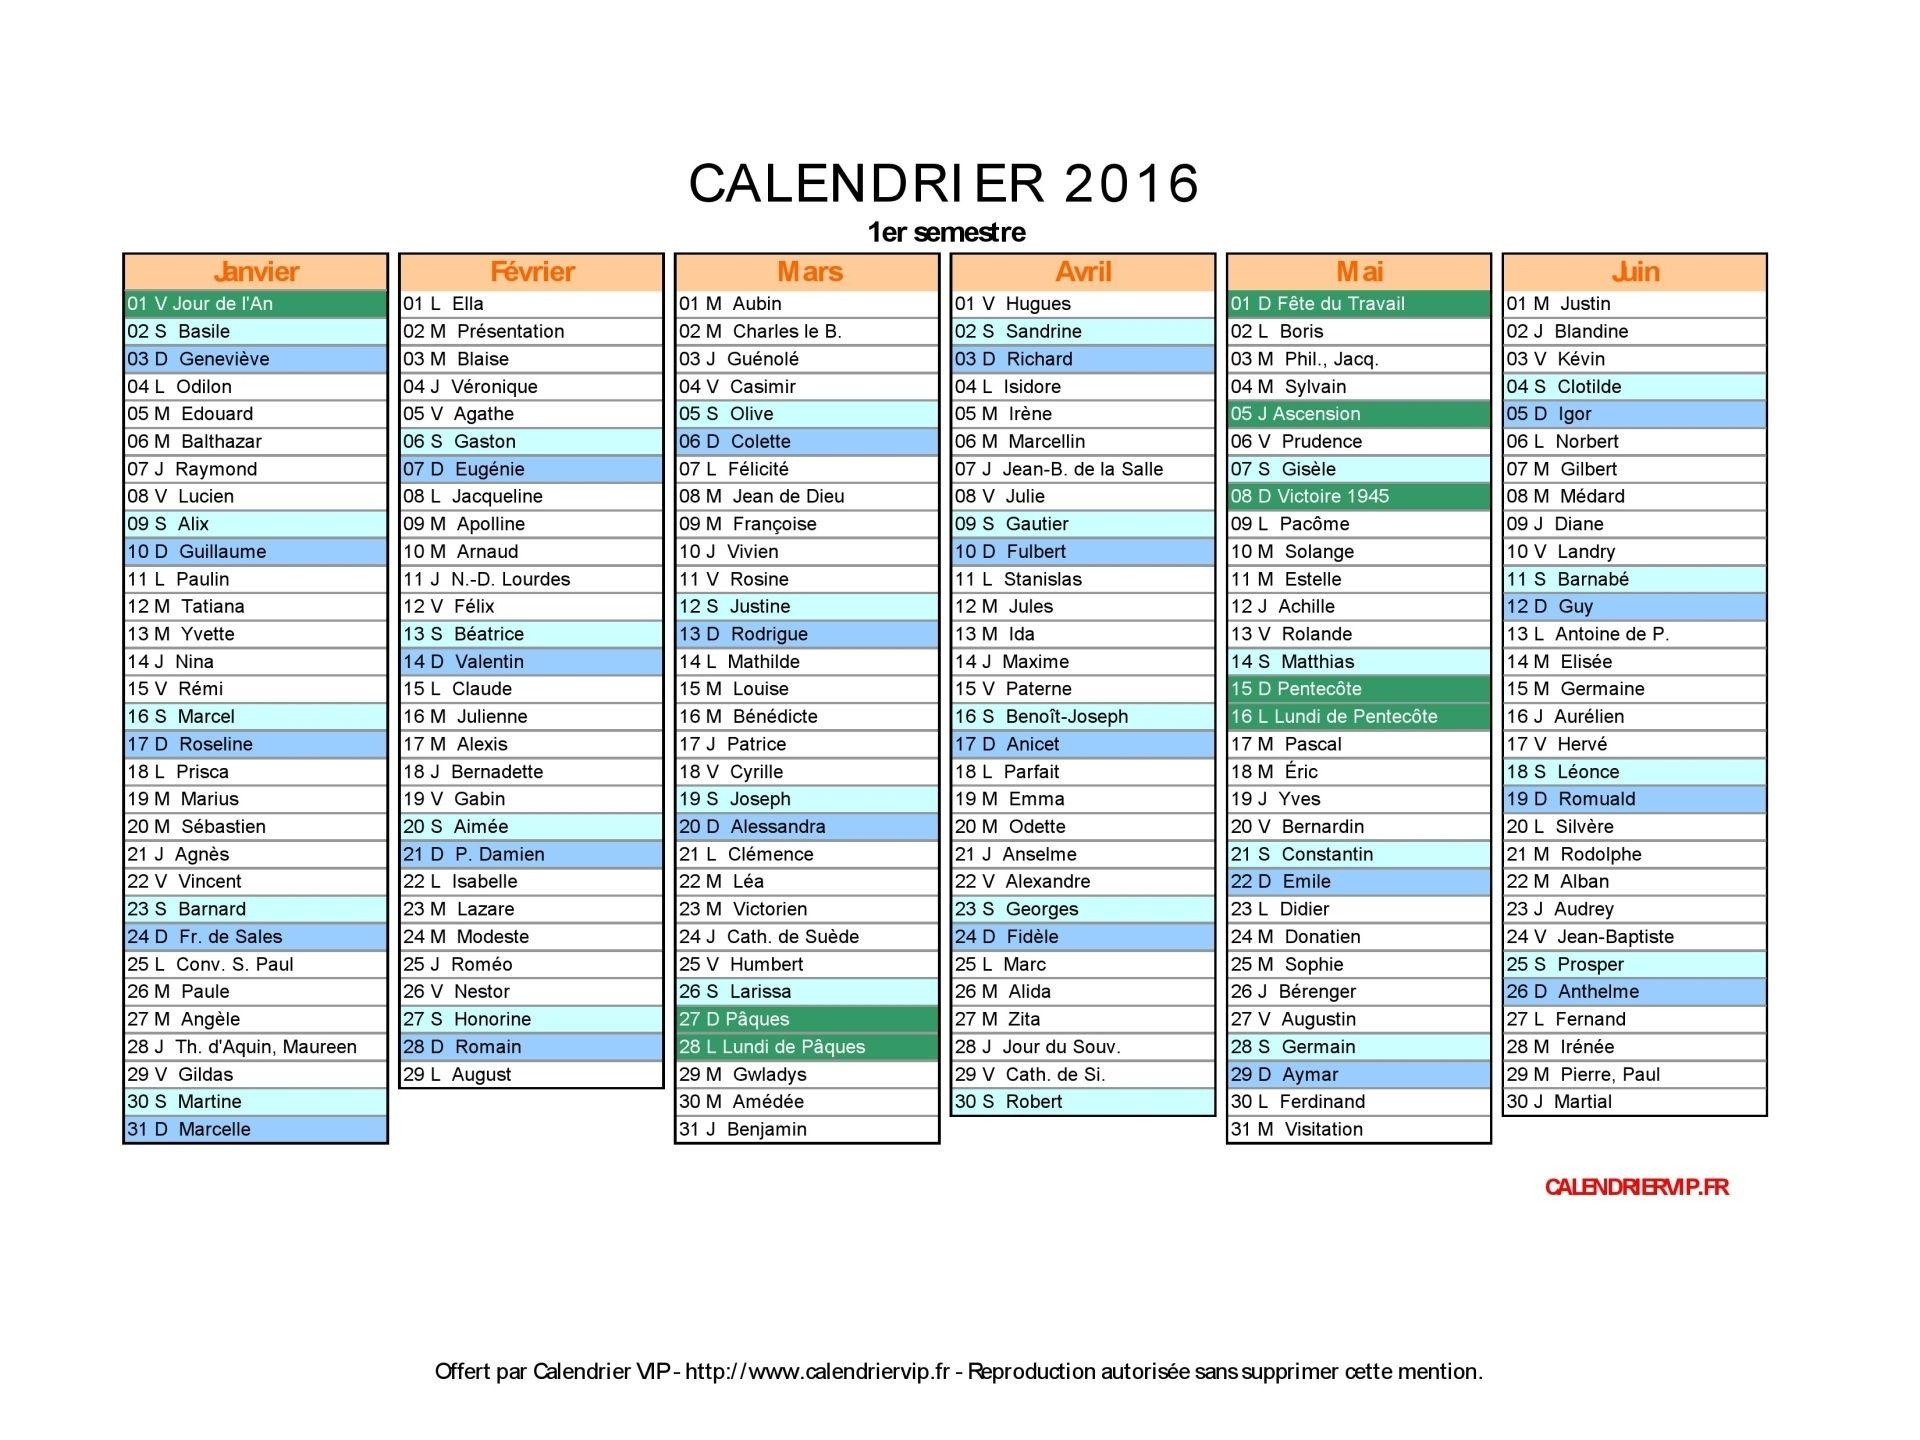 Calendrier 2020 Avec Jours Fériés Vacances Scolaires à Imprimer.Calendrier 2016 Avec Jours Feries Vacances Scolaires